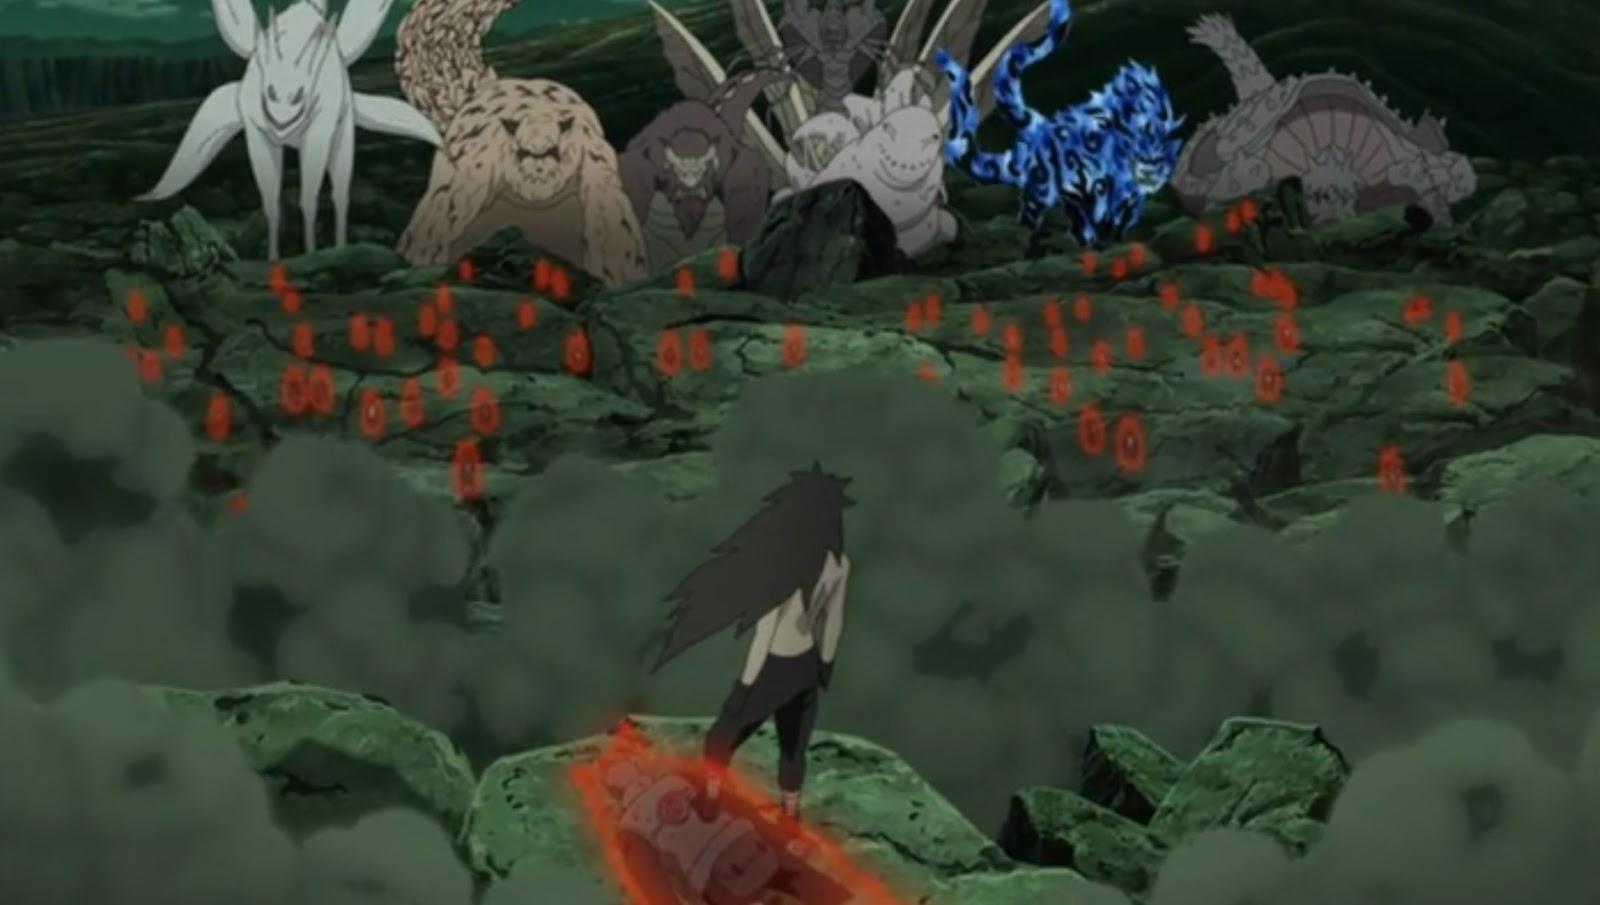 Naruto Shippuden Episódio 391, Assistir Naruto Shippuden Episódio 391, Assistir Naruto Shippuden Todos os Episódios Legendado, Naruto Shippuden episódio 391,HD